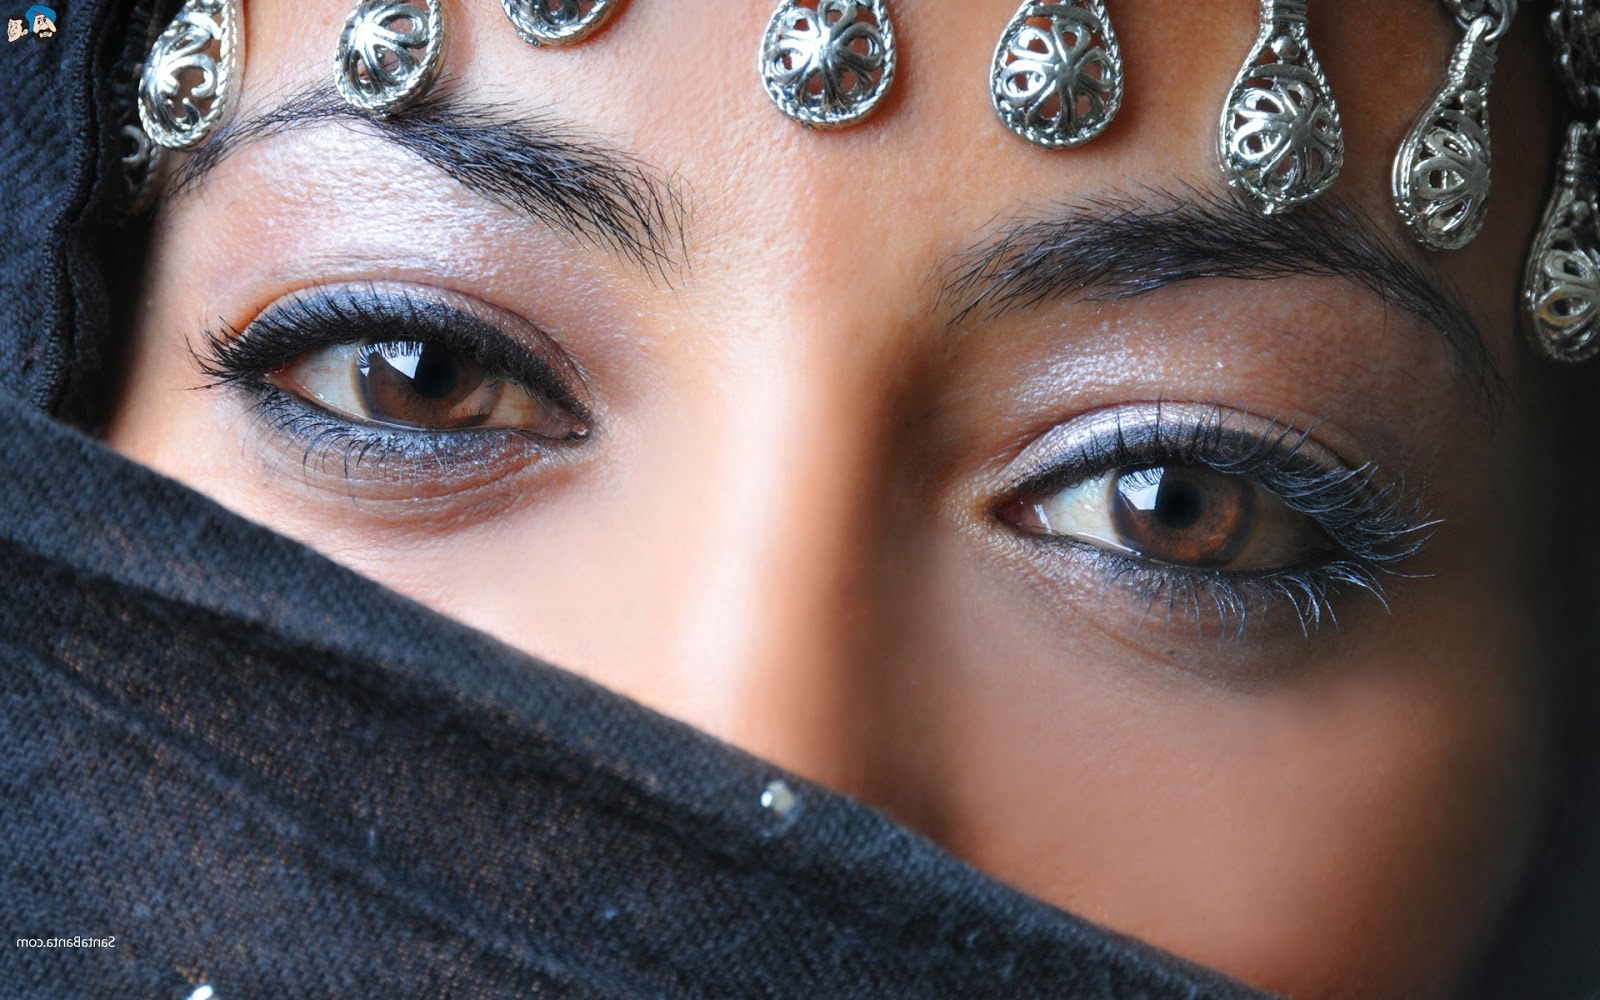 Design Muslimah Bercadar Cantik 9fdy Sebuah Dunia Kecilku Wallpaper Wanita Cantik Muslimah